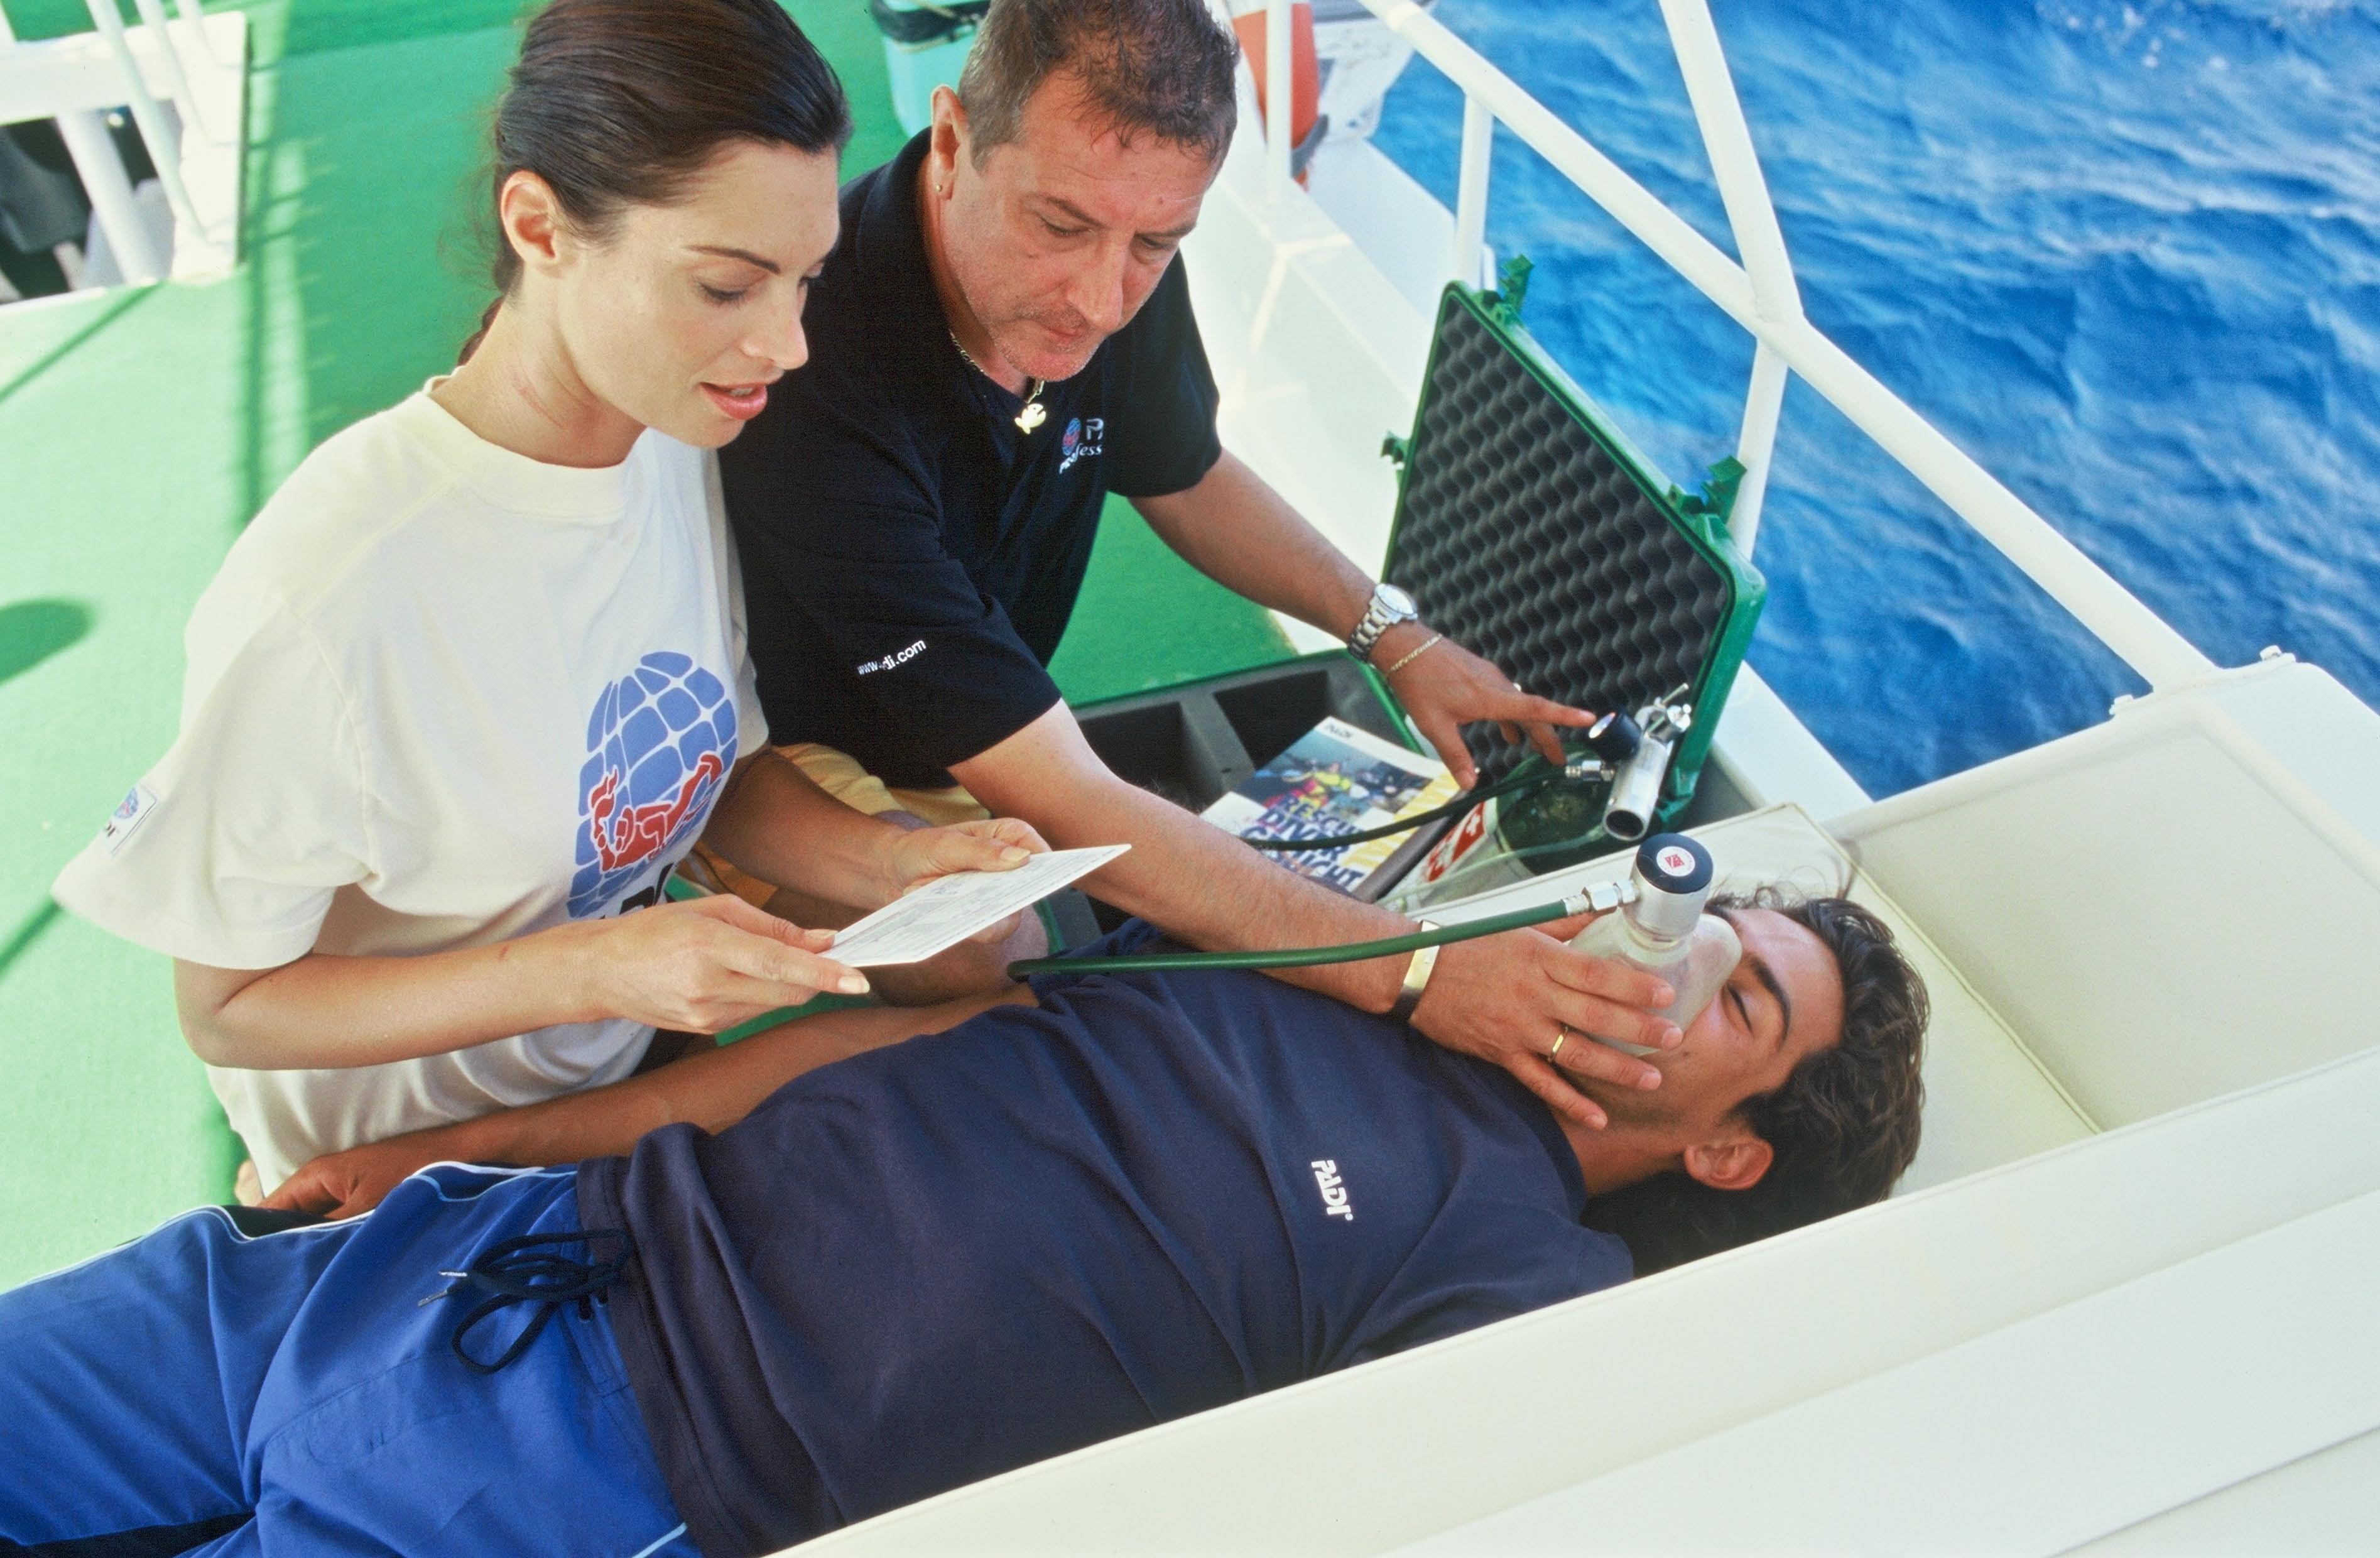 Яхтенный семинар по оказанию первой помощи на воде - First aid.jpeg